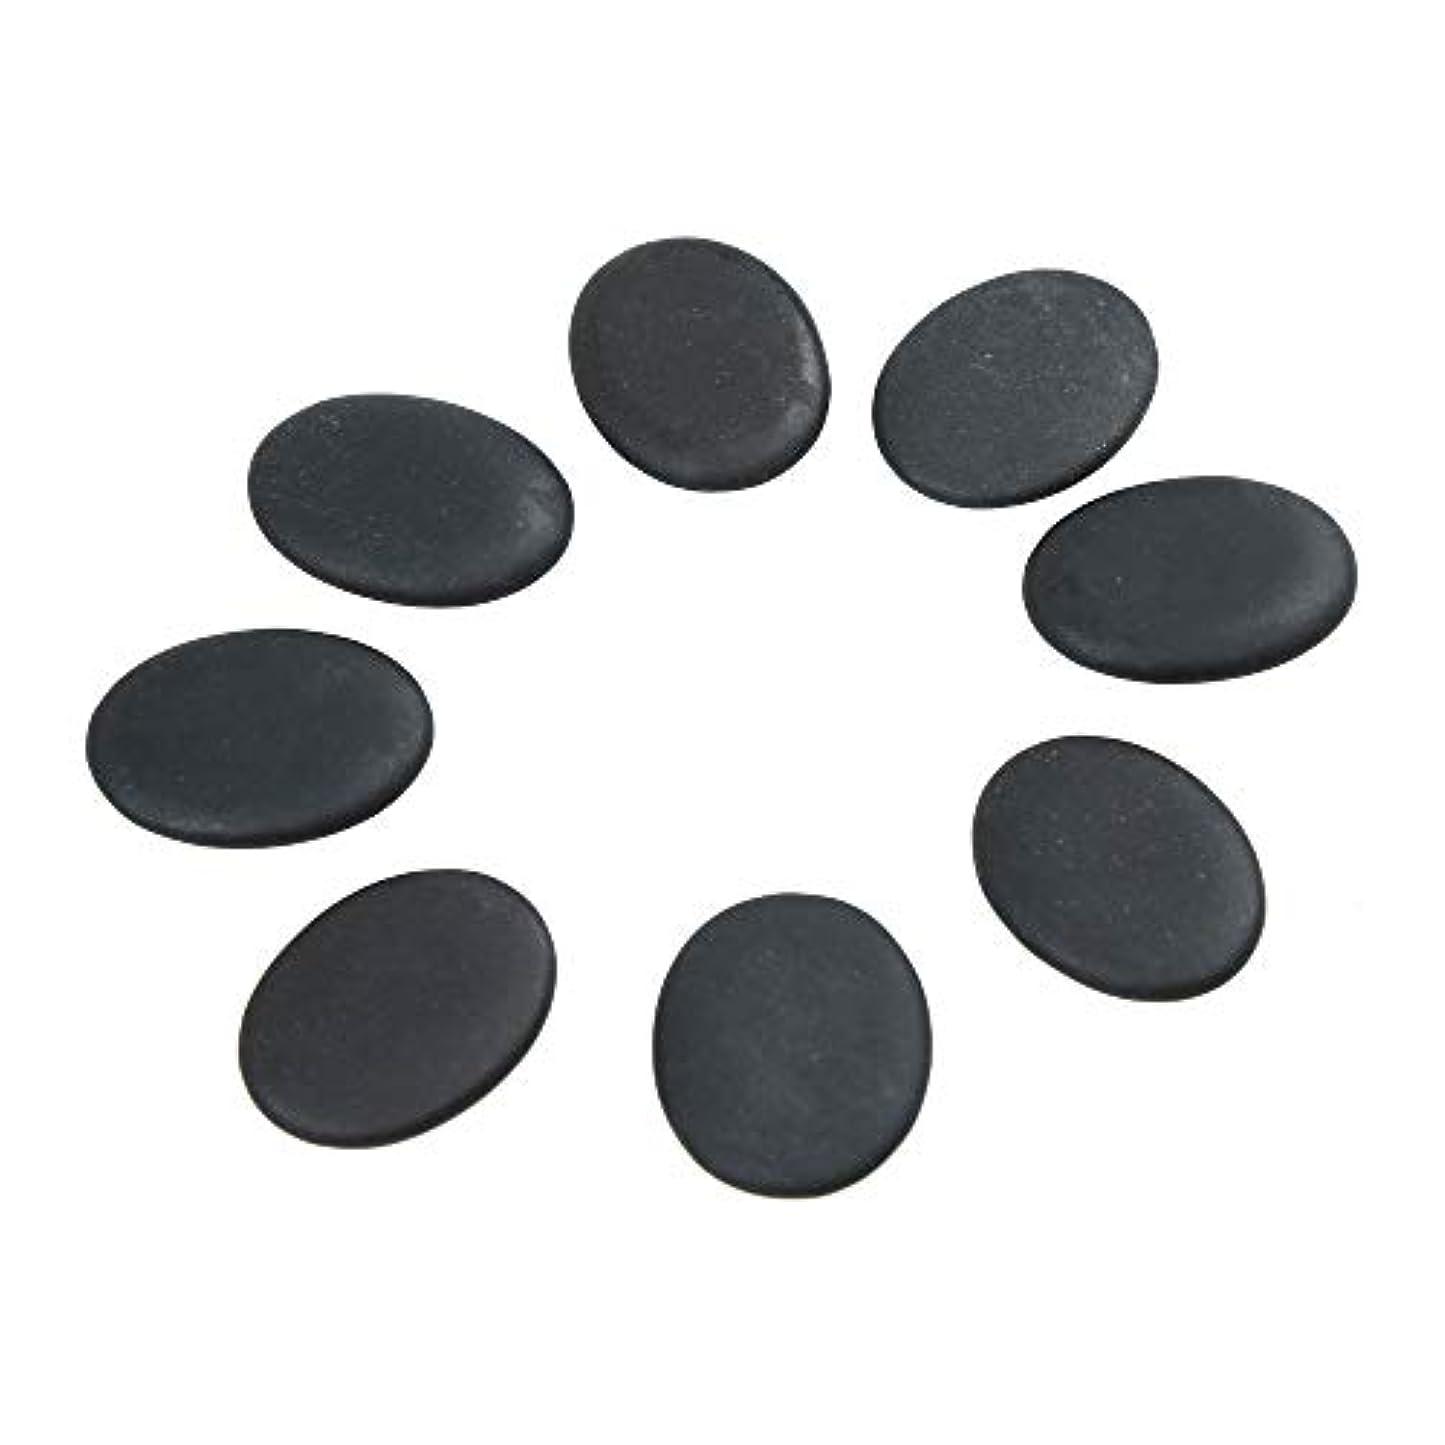 バッフル減らすボンドWindfulogo 8個入りホットマッサージストーンセット天然溶岩玄武岩スパマッサージ用暖かいストーンブラックBlack1.18 x 1.57 in(3x4cm)